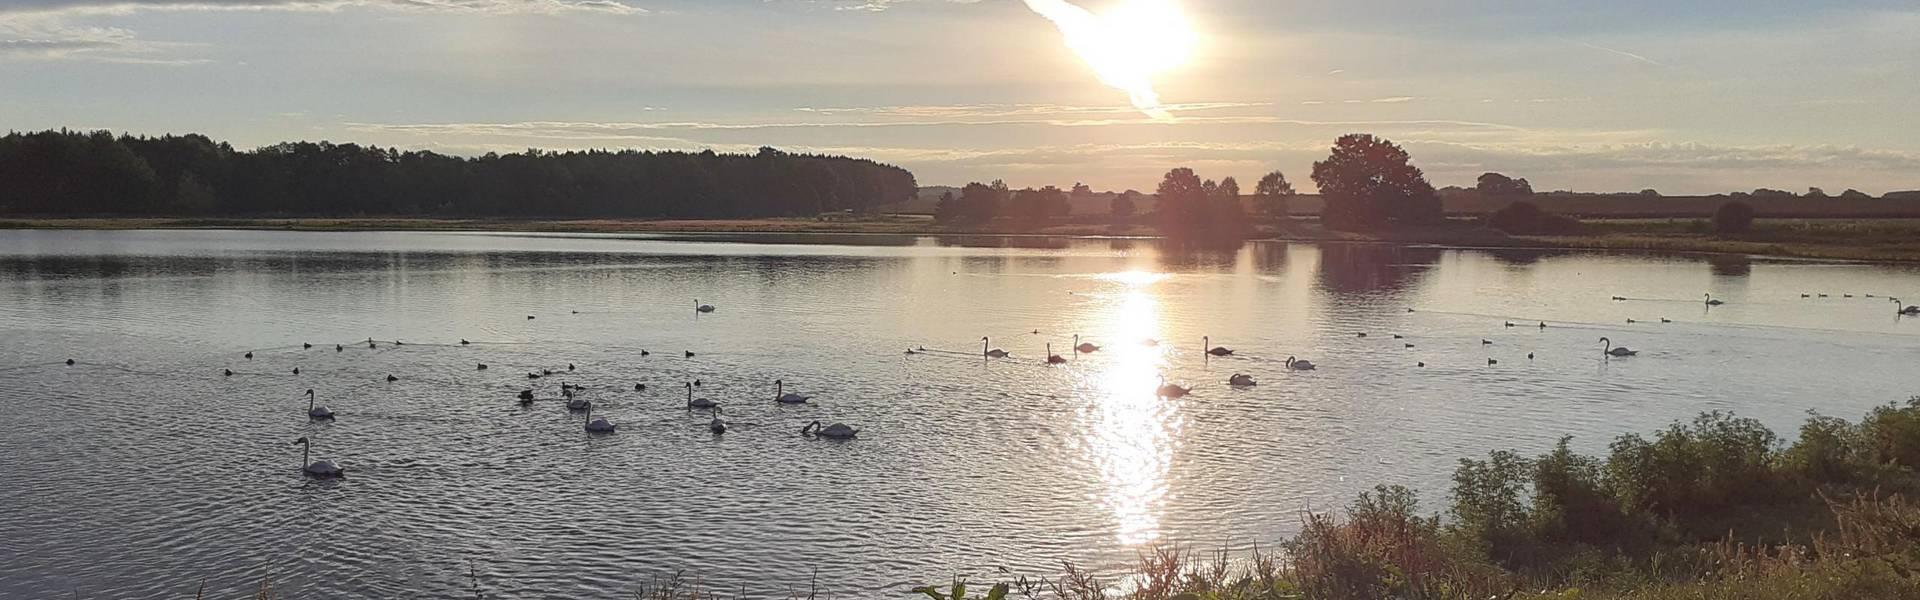 Plothener Teichgebiet - Blick auf einen der Teiche mit Schwänen zum Sonnenaufgang ©Landratsamt Saale-Orla-Kreis, Kerstin Täumel